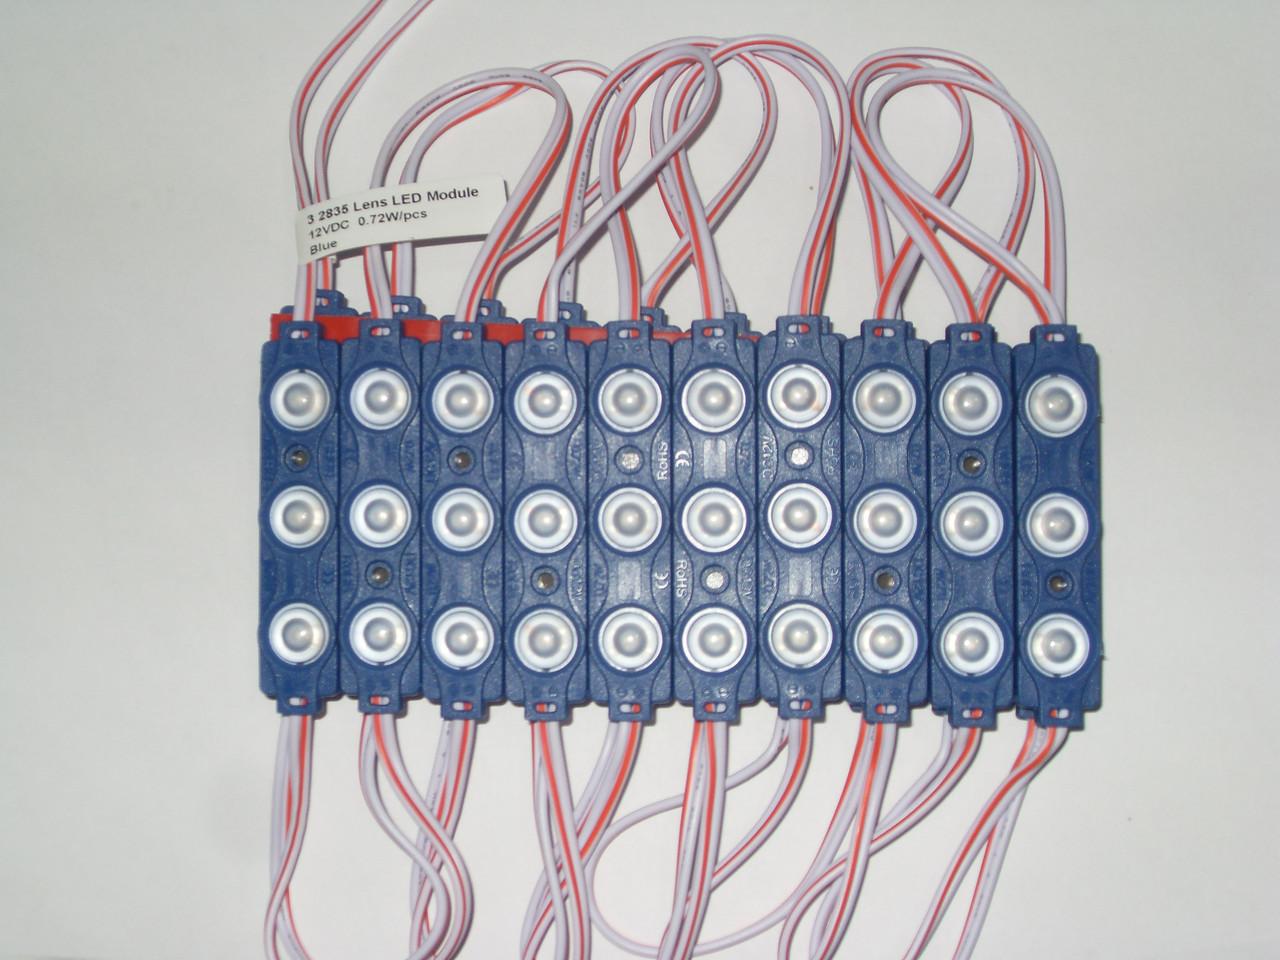 Синій світлодіодний модуль три світлодіоди SMD2835 з лінзою кластер 3 LED 0.72 вт